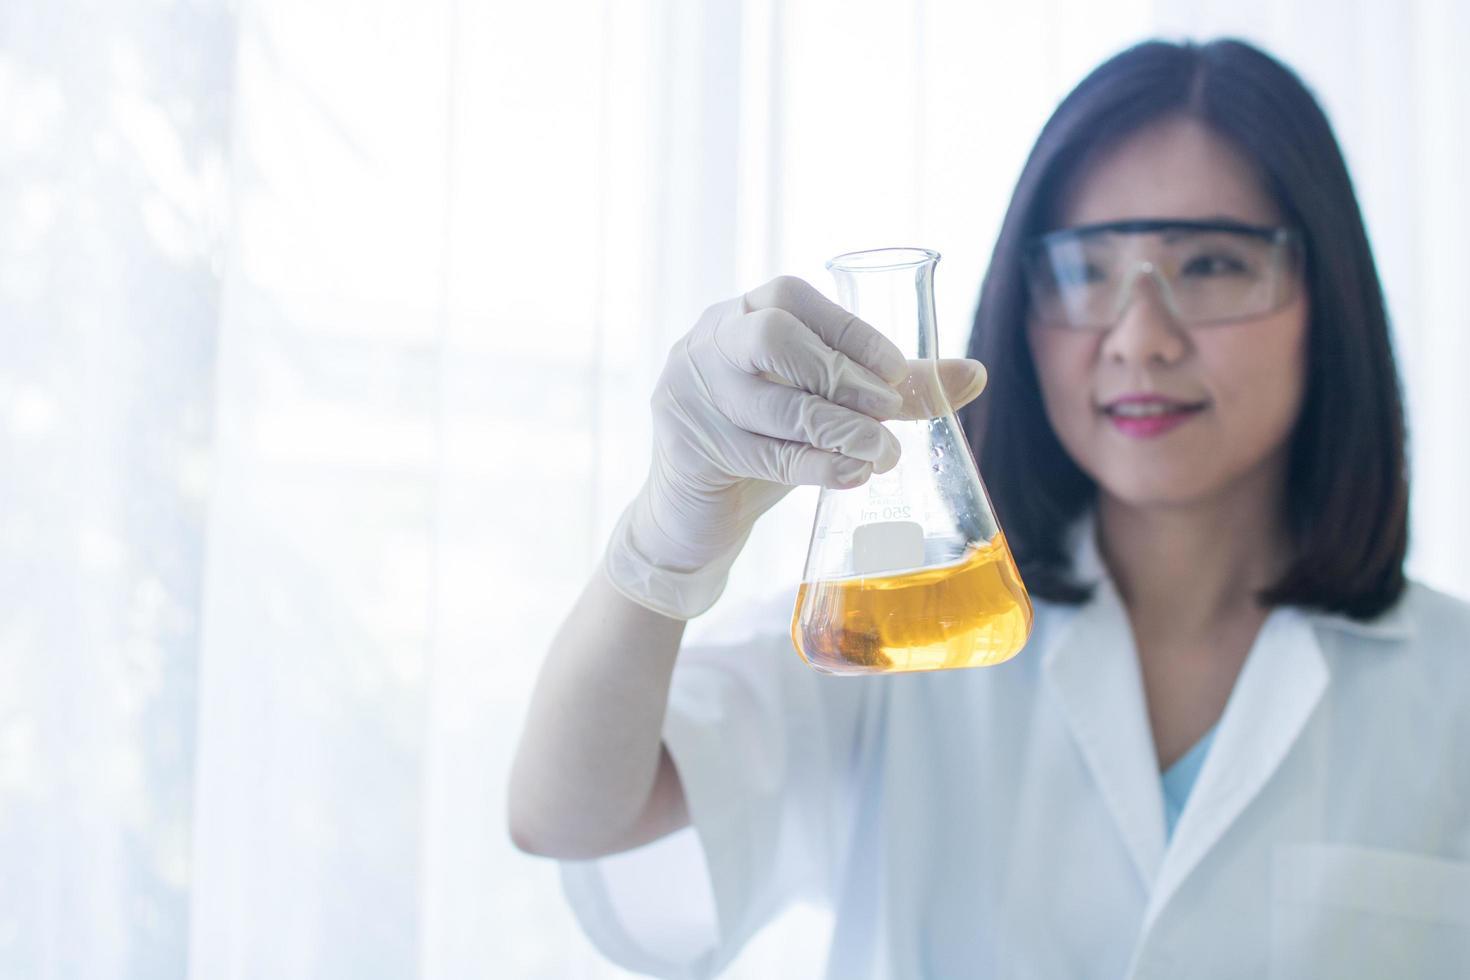 vrouw met glazen kolf in lab foto